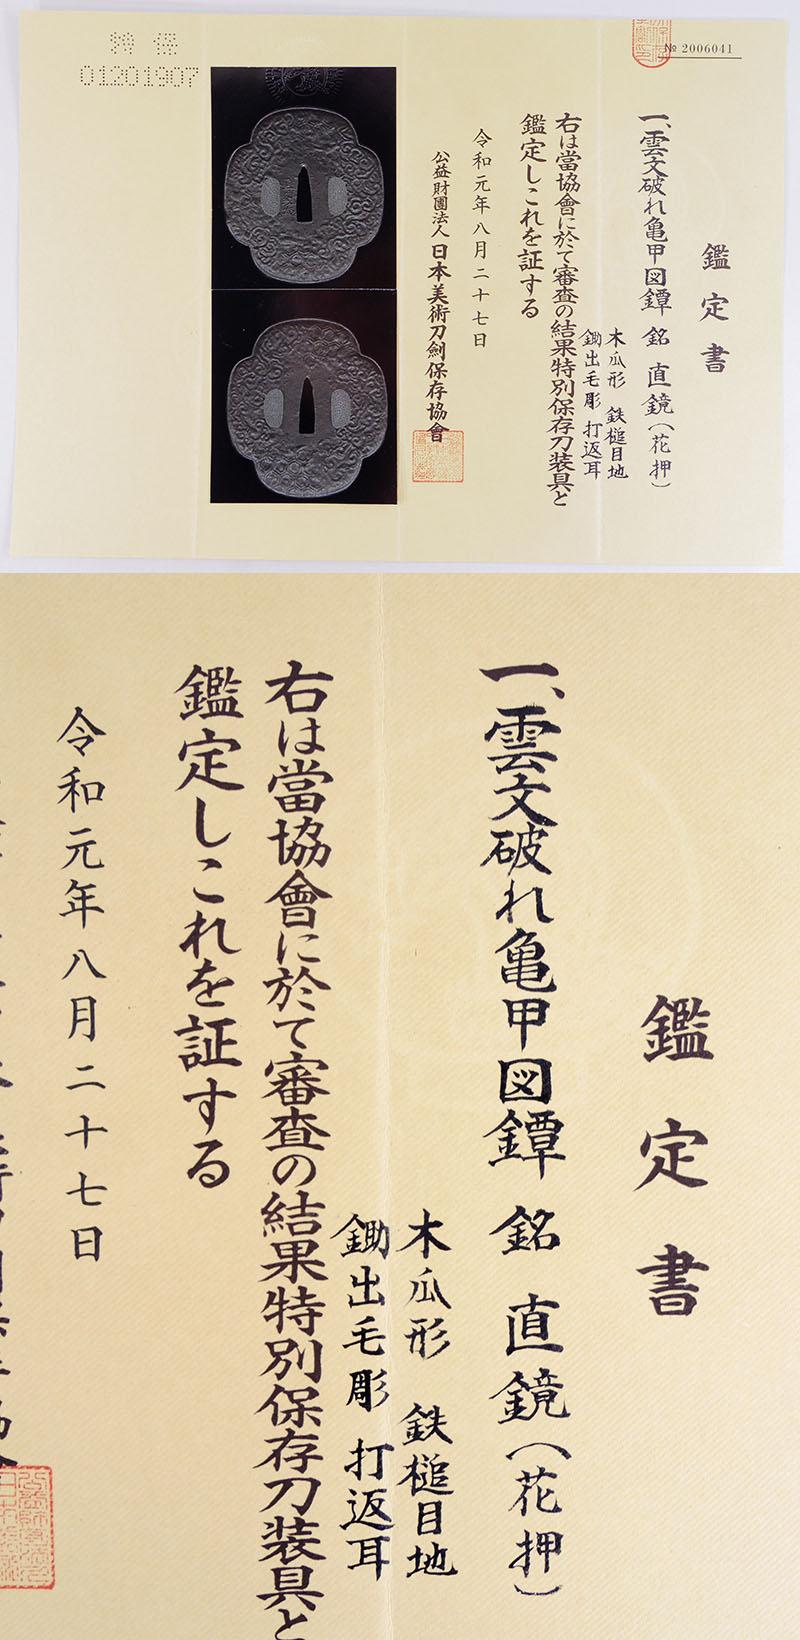 雲文破れ亀甲図鍔 直鏡(花押)(次郎太郎藤原直勝の門人)鑑定書画像